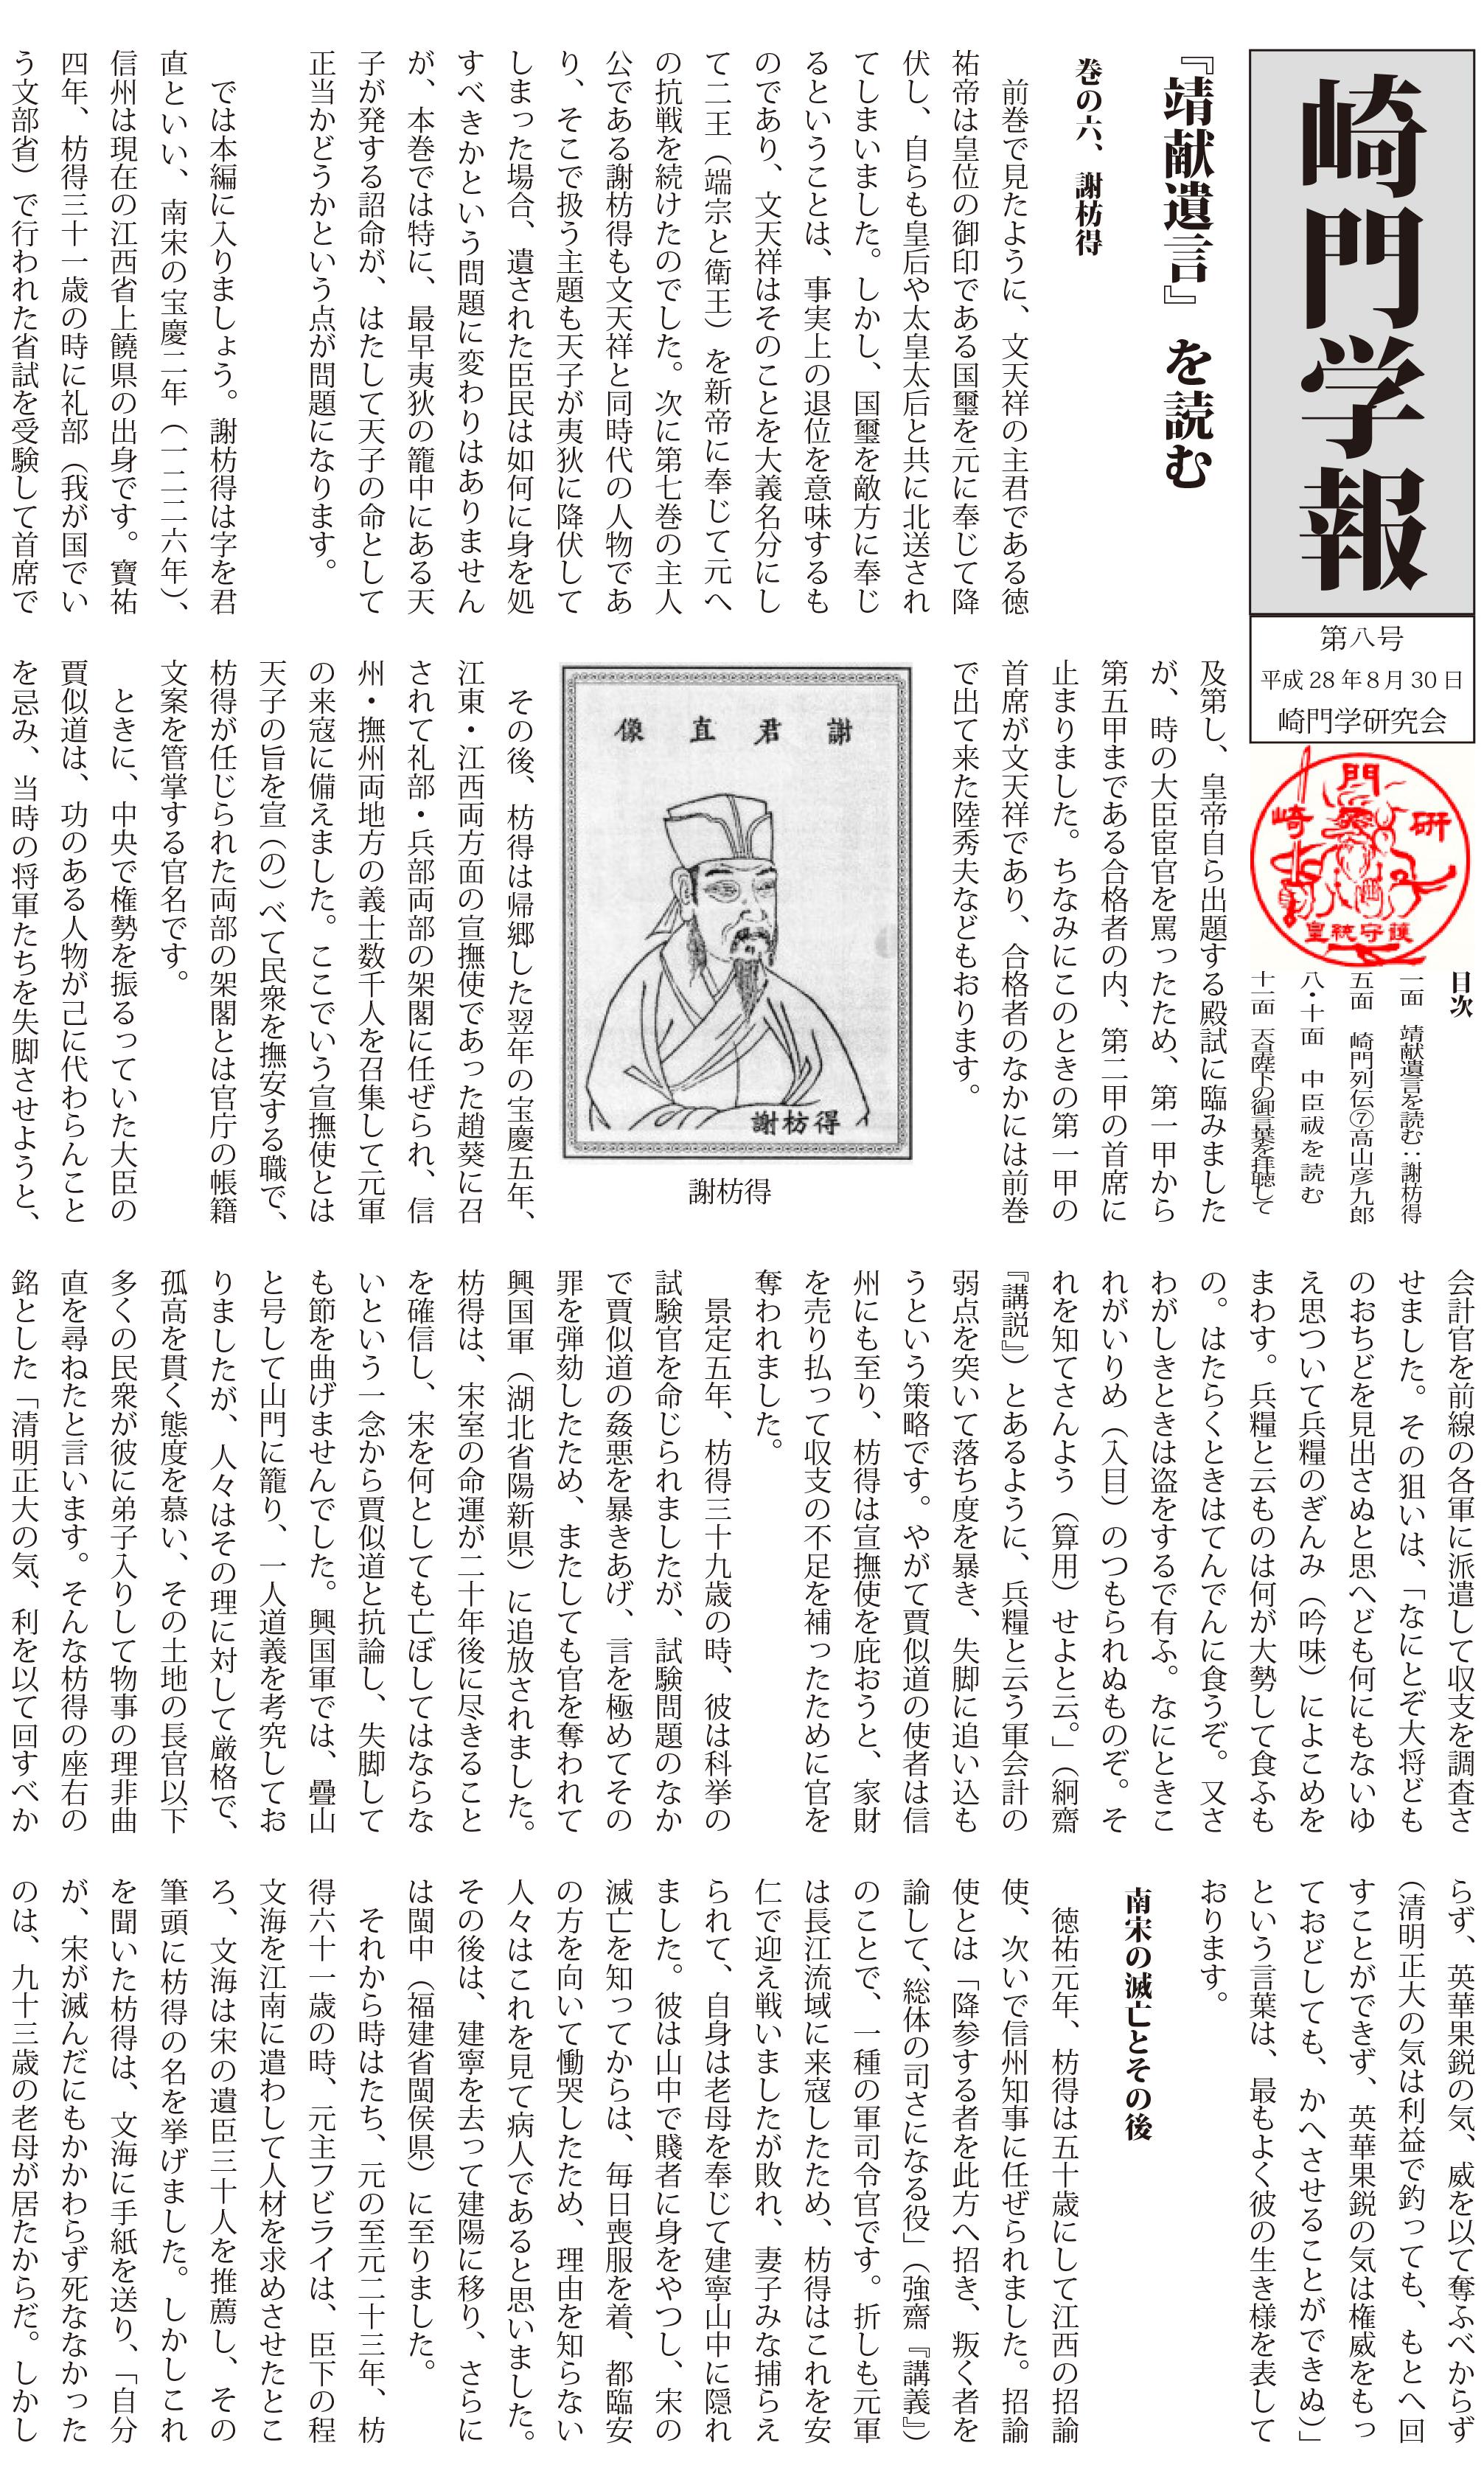 『崎門学報』第8号・ダウンロード販売